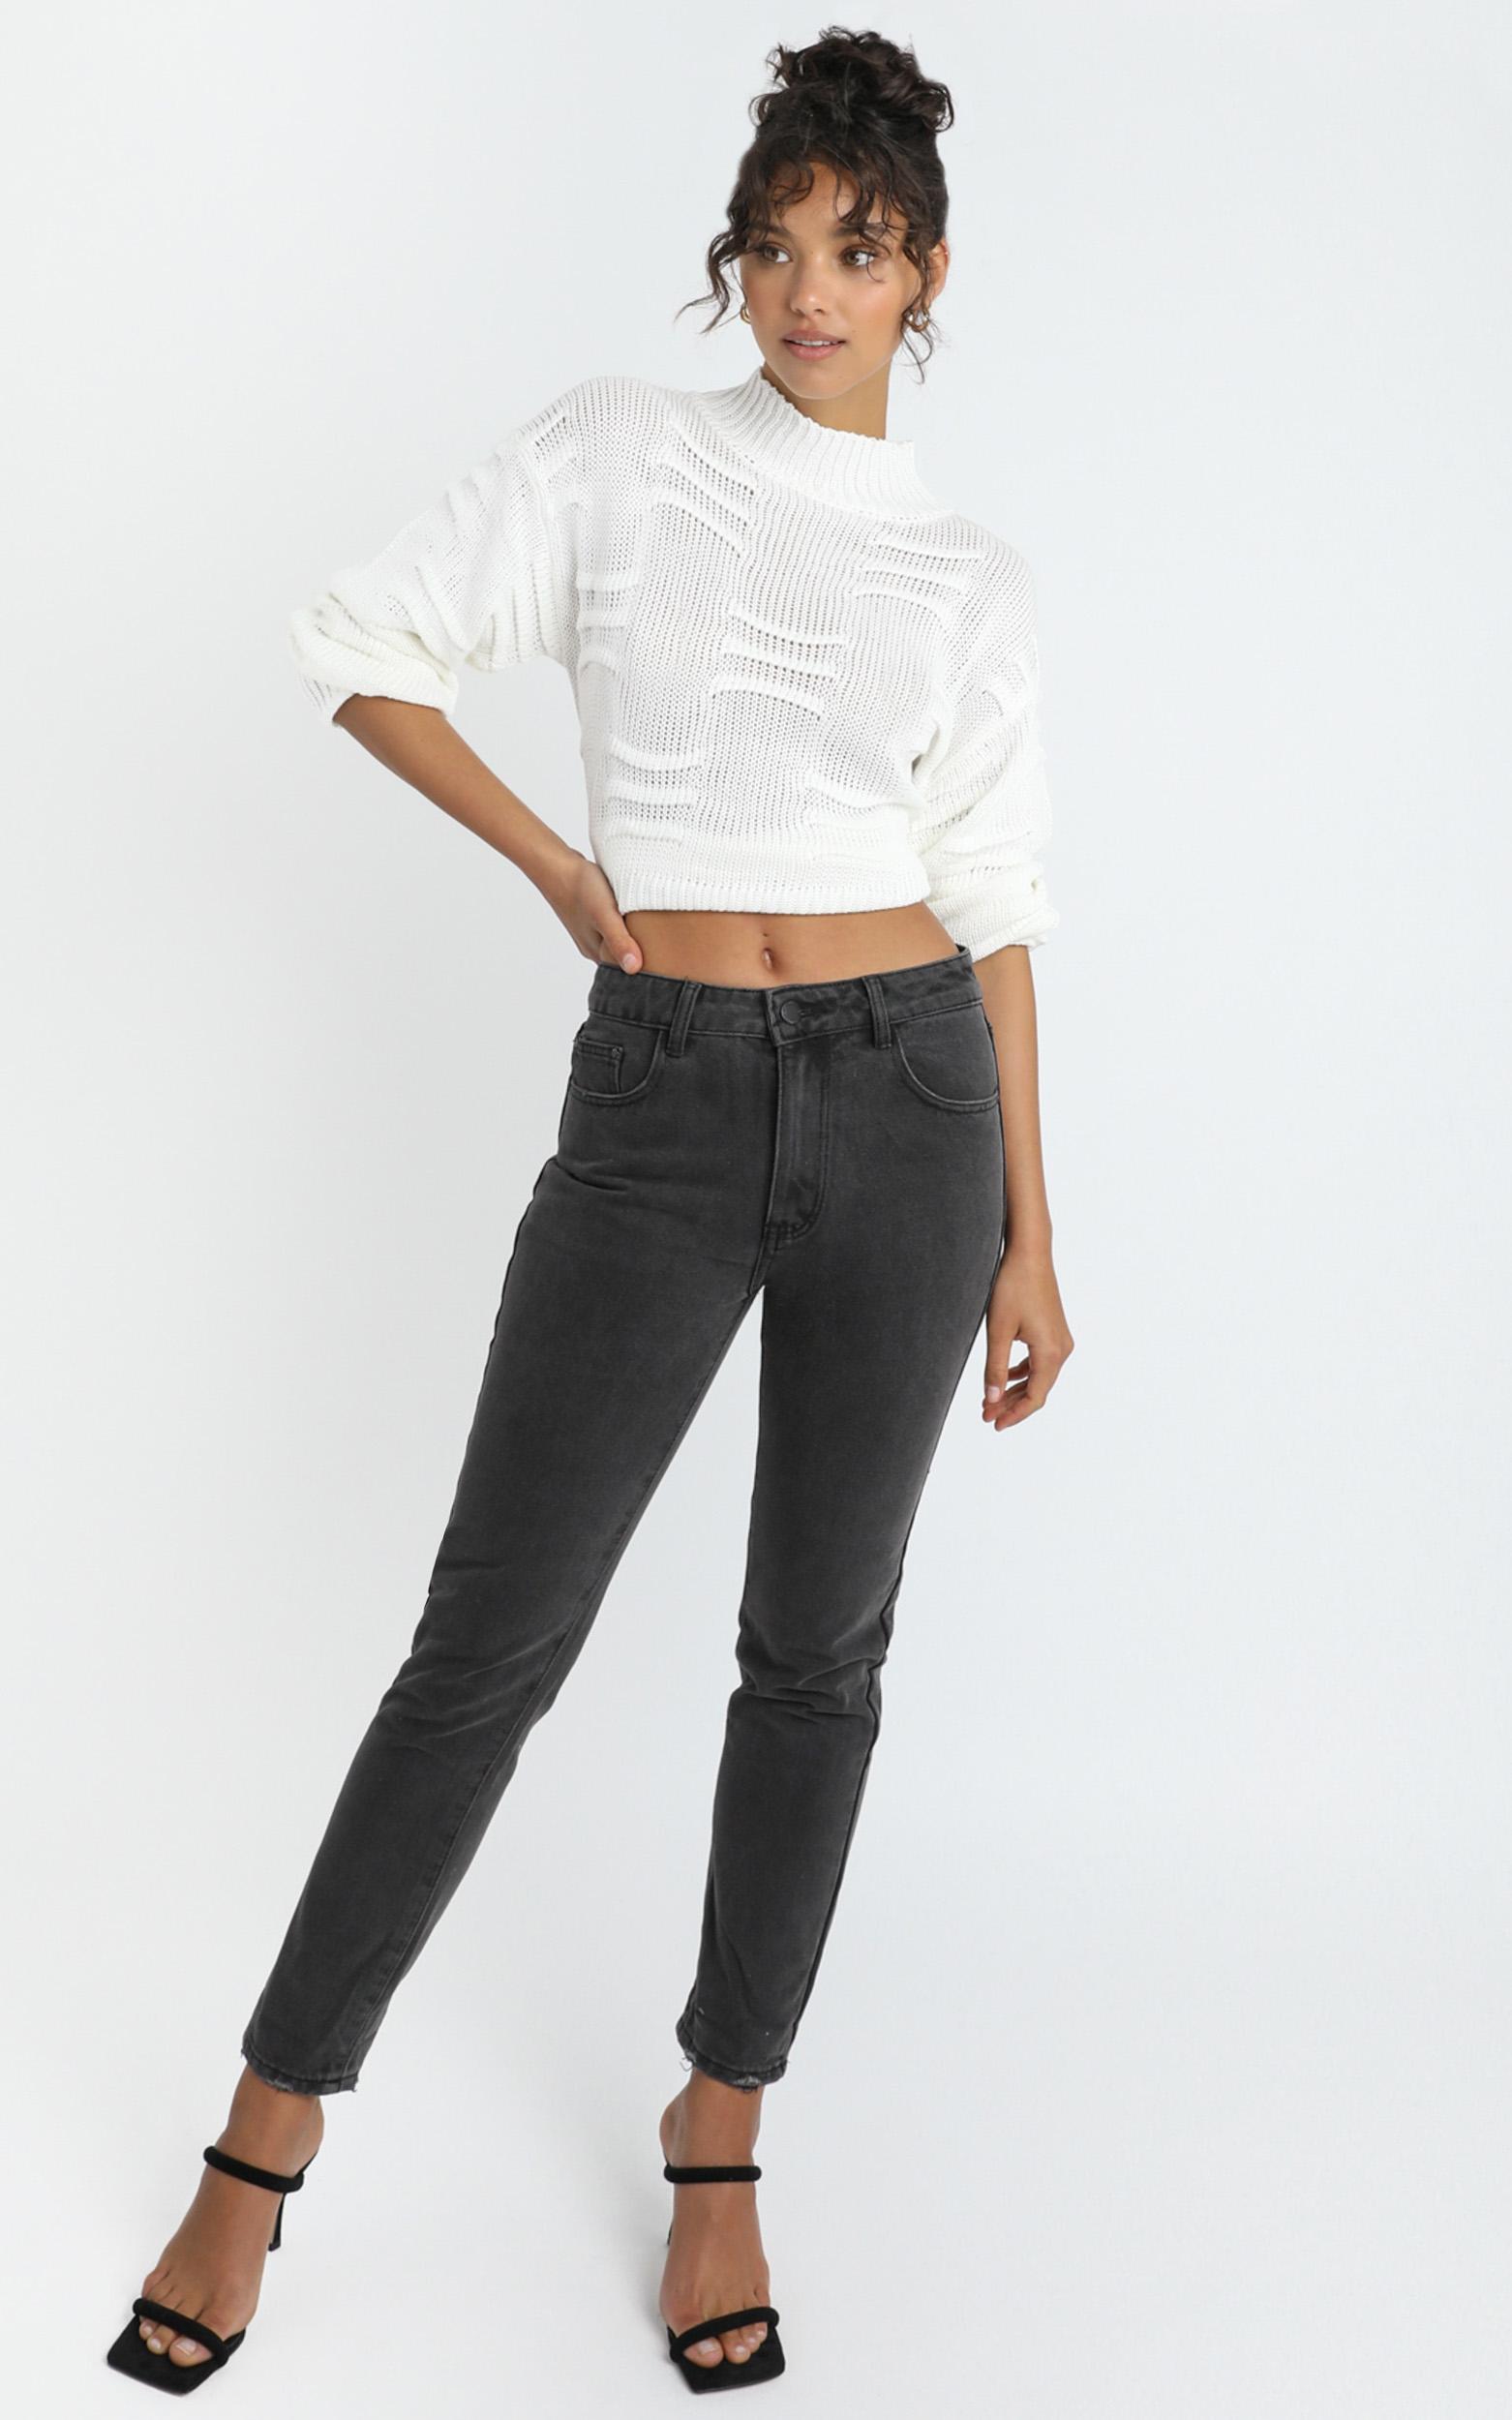 Remy Jeans in washed black denim - 14 (XL), Black, hi-res image number null